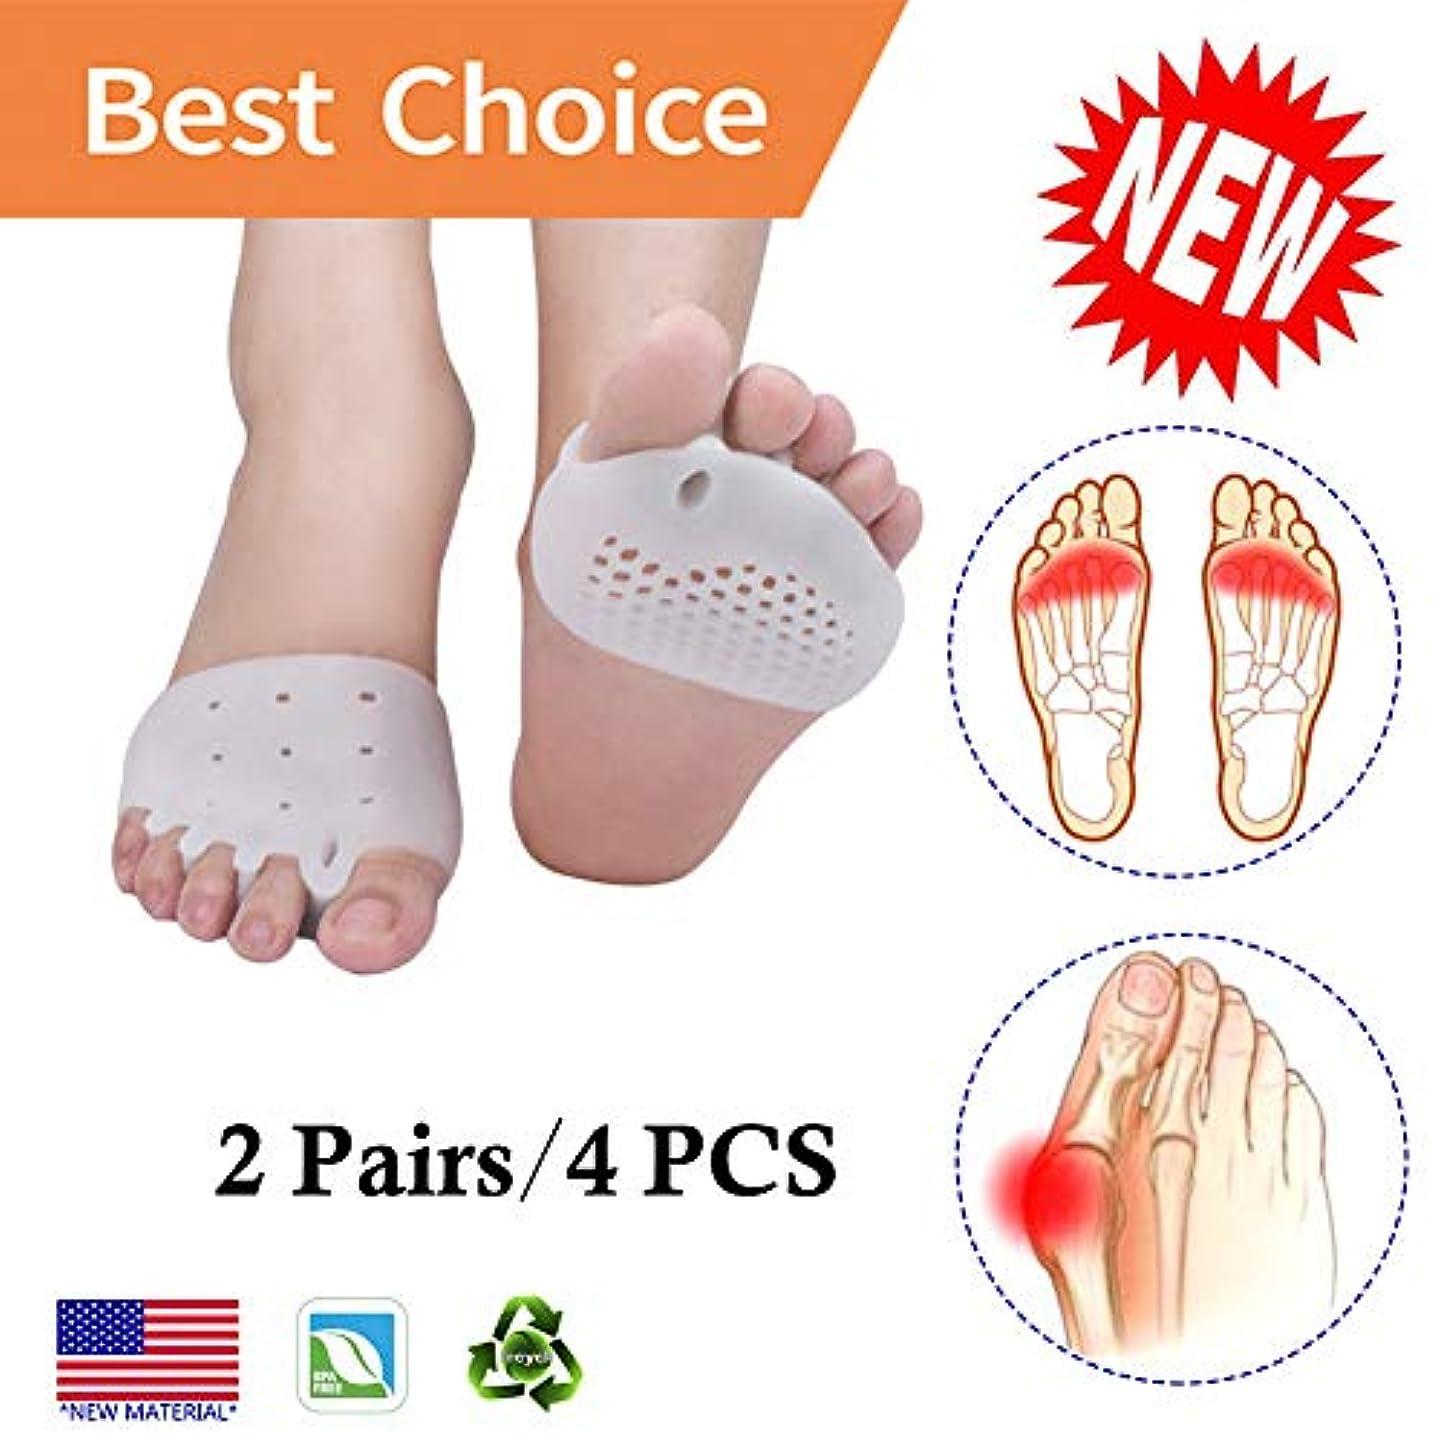 満州有名人パターンPnrskter 足裏保護パッド 中足前足パッド 通気性 柔らかい ジェル 糖尿病の足に最適 カルス 水疱 前足痛 男性のための両方の足に使用することができます (白(6ピース))